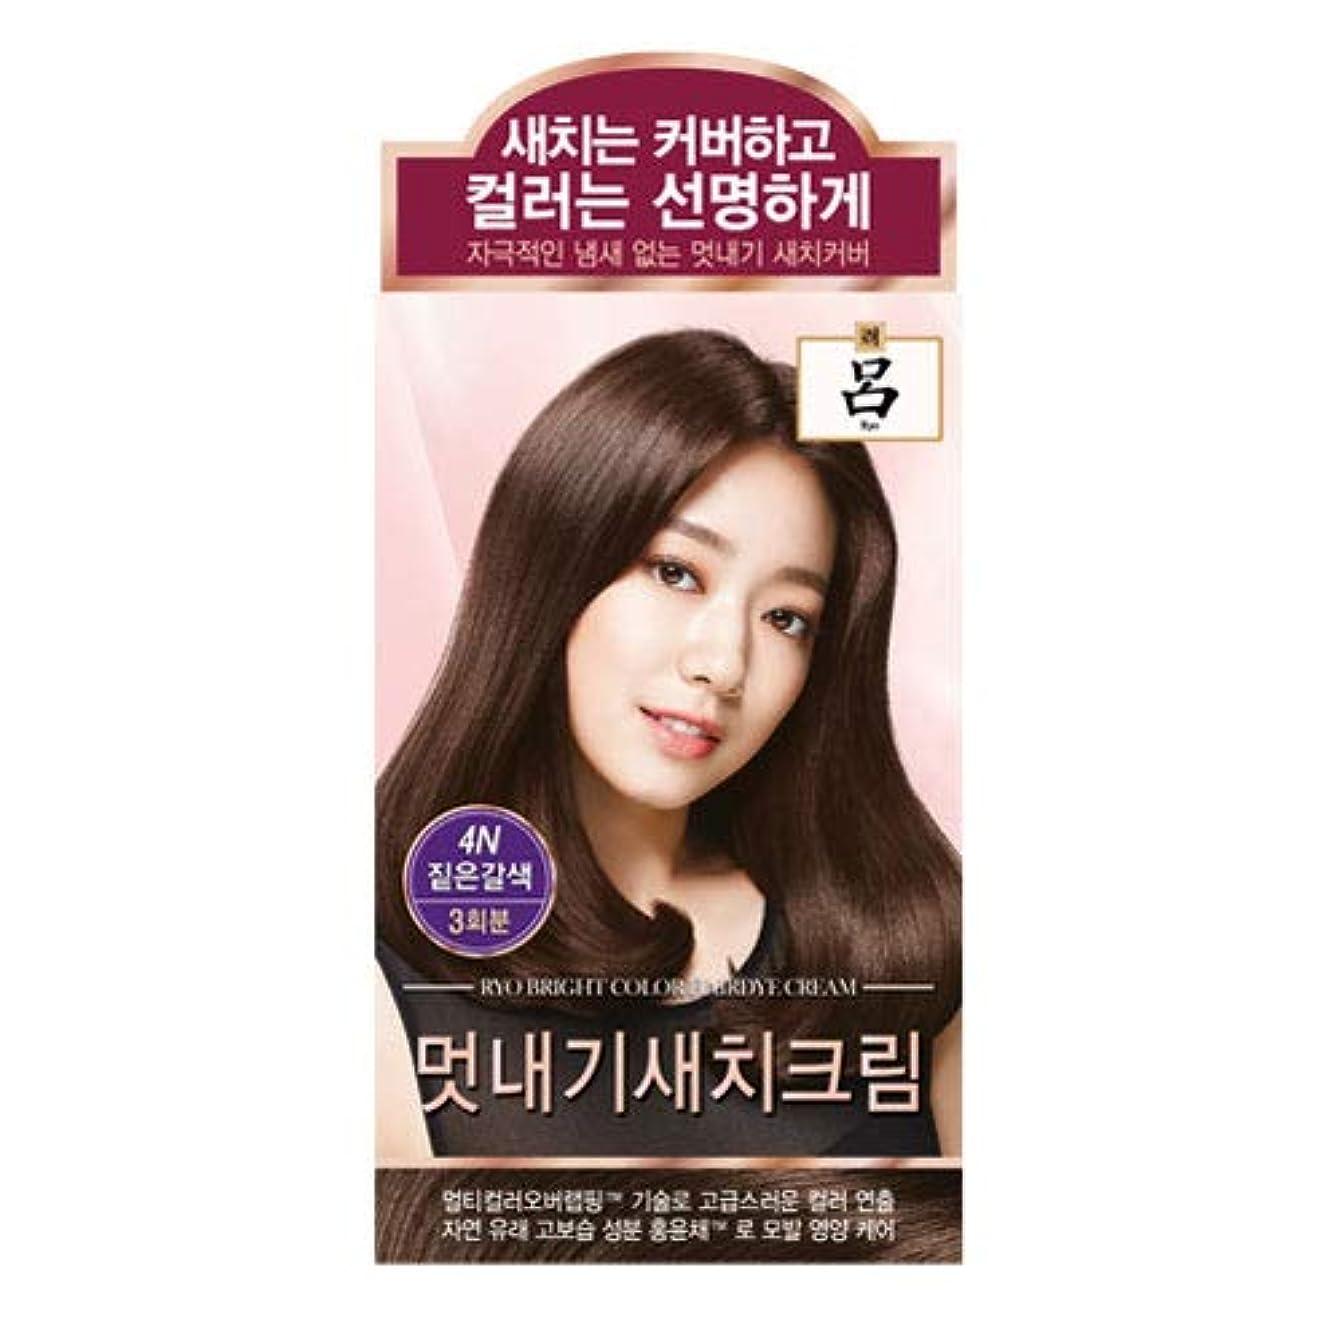 炭素他に有料アモーレパシフィック呂[AMOREPACIFIC/Ryo] ブライトカラーヘアアイクリーム 4N ディープブラウン/Bright Color Hairdye Cream 4N Deep Brown